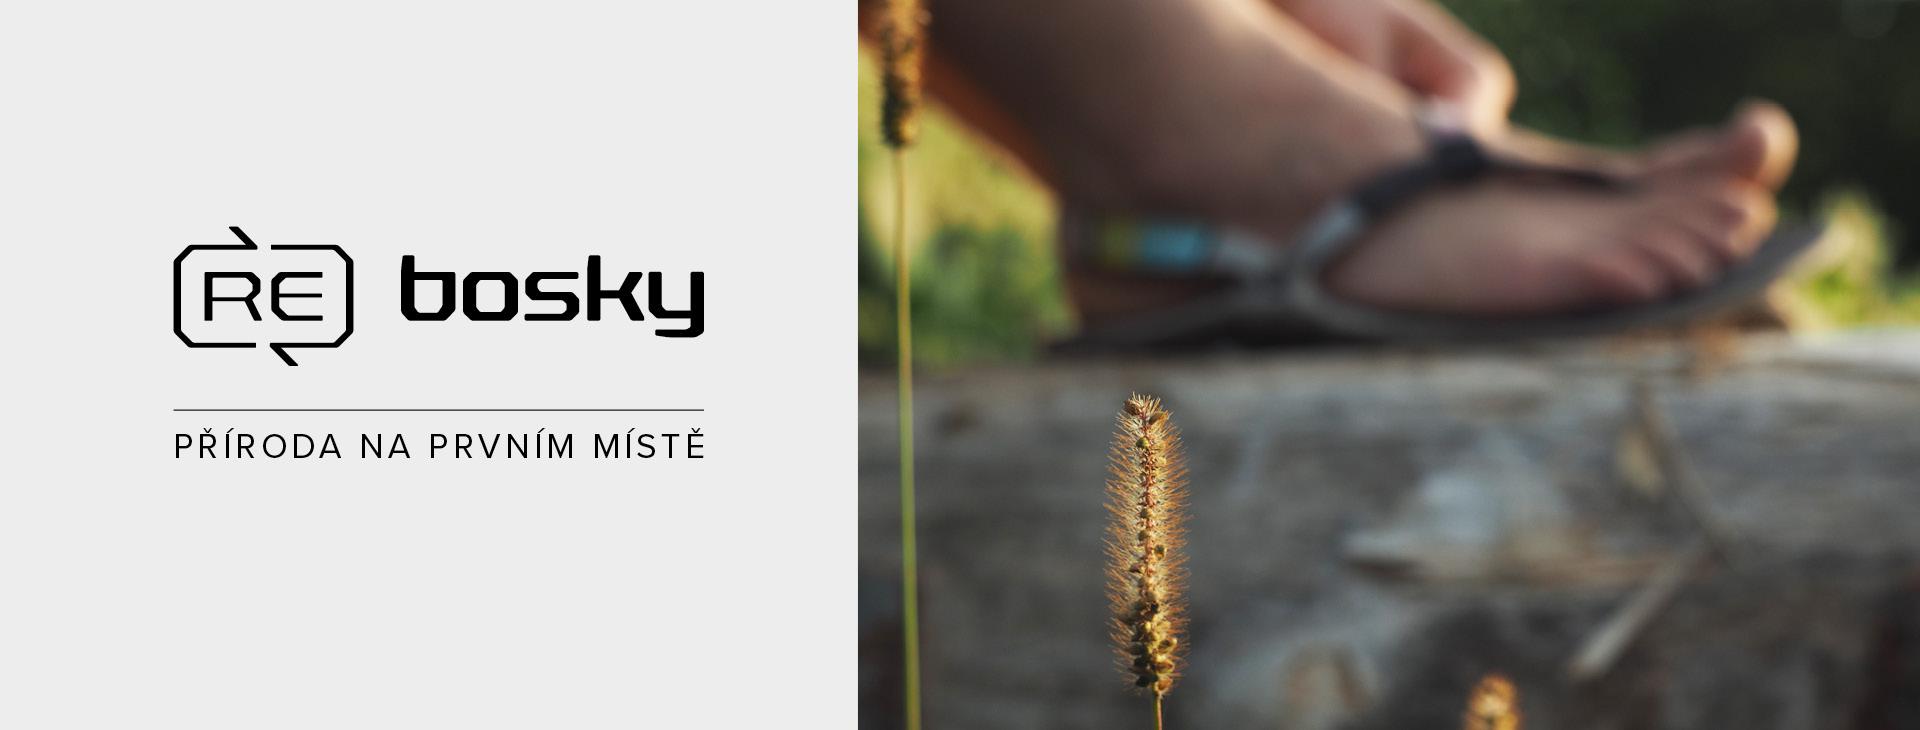 re-bosky_lg